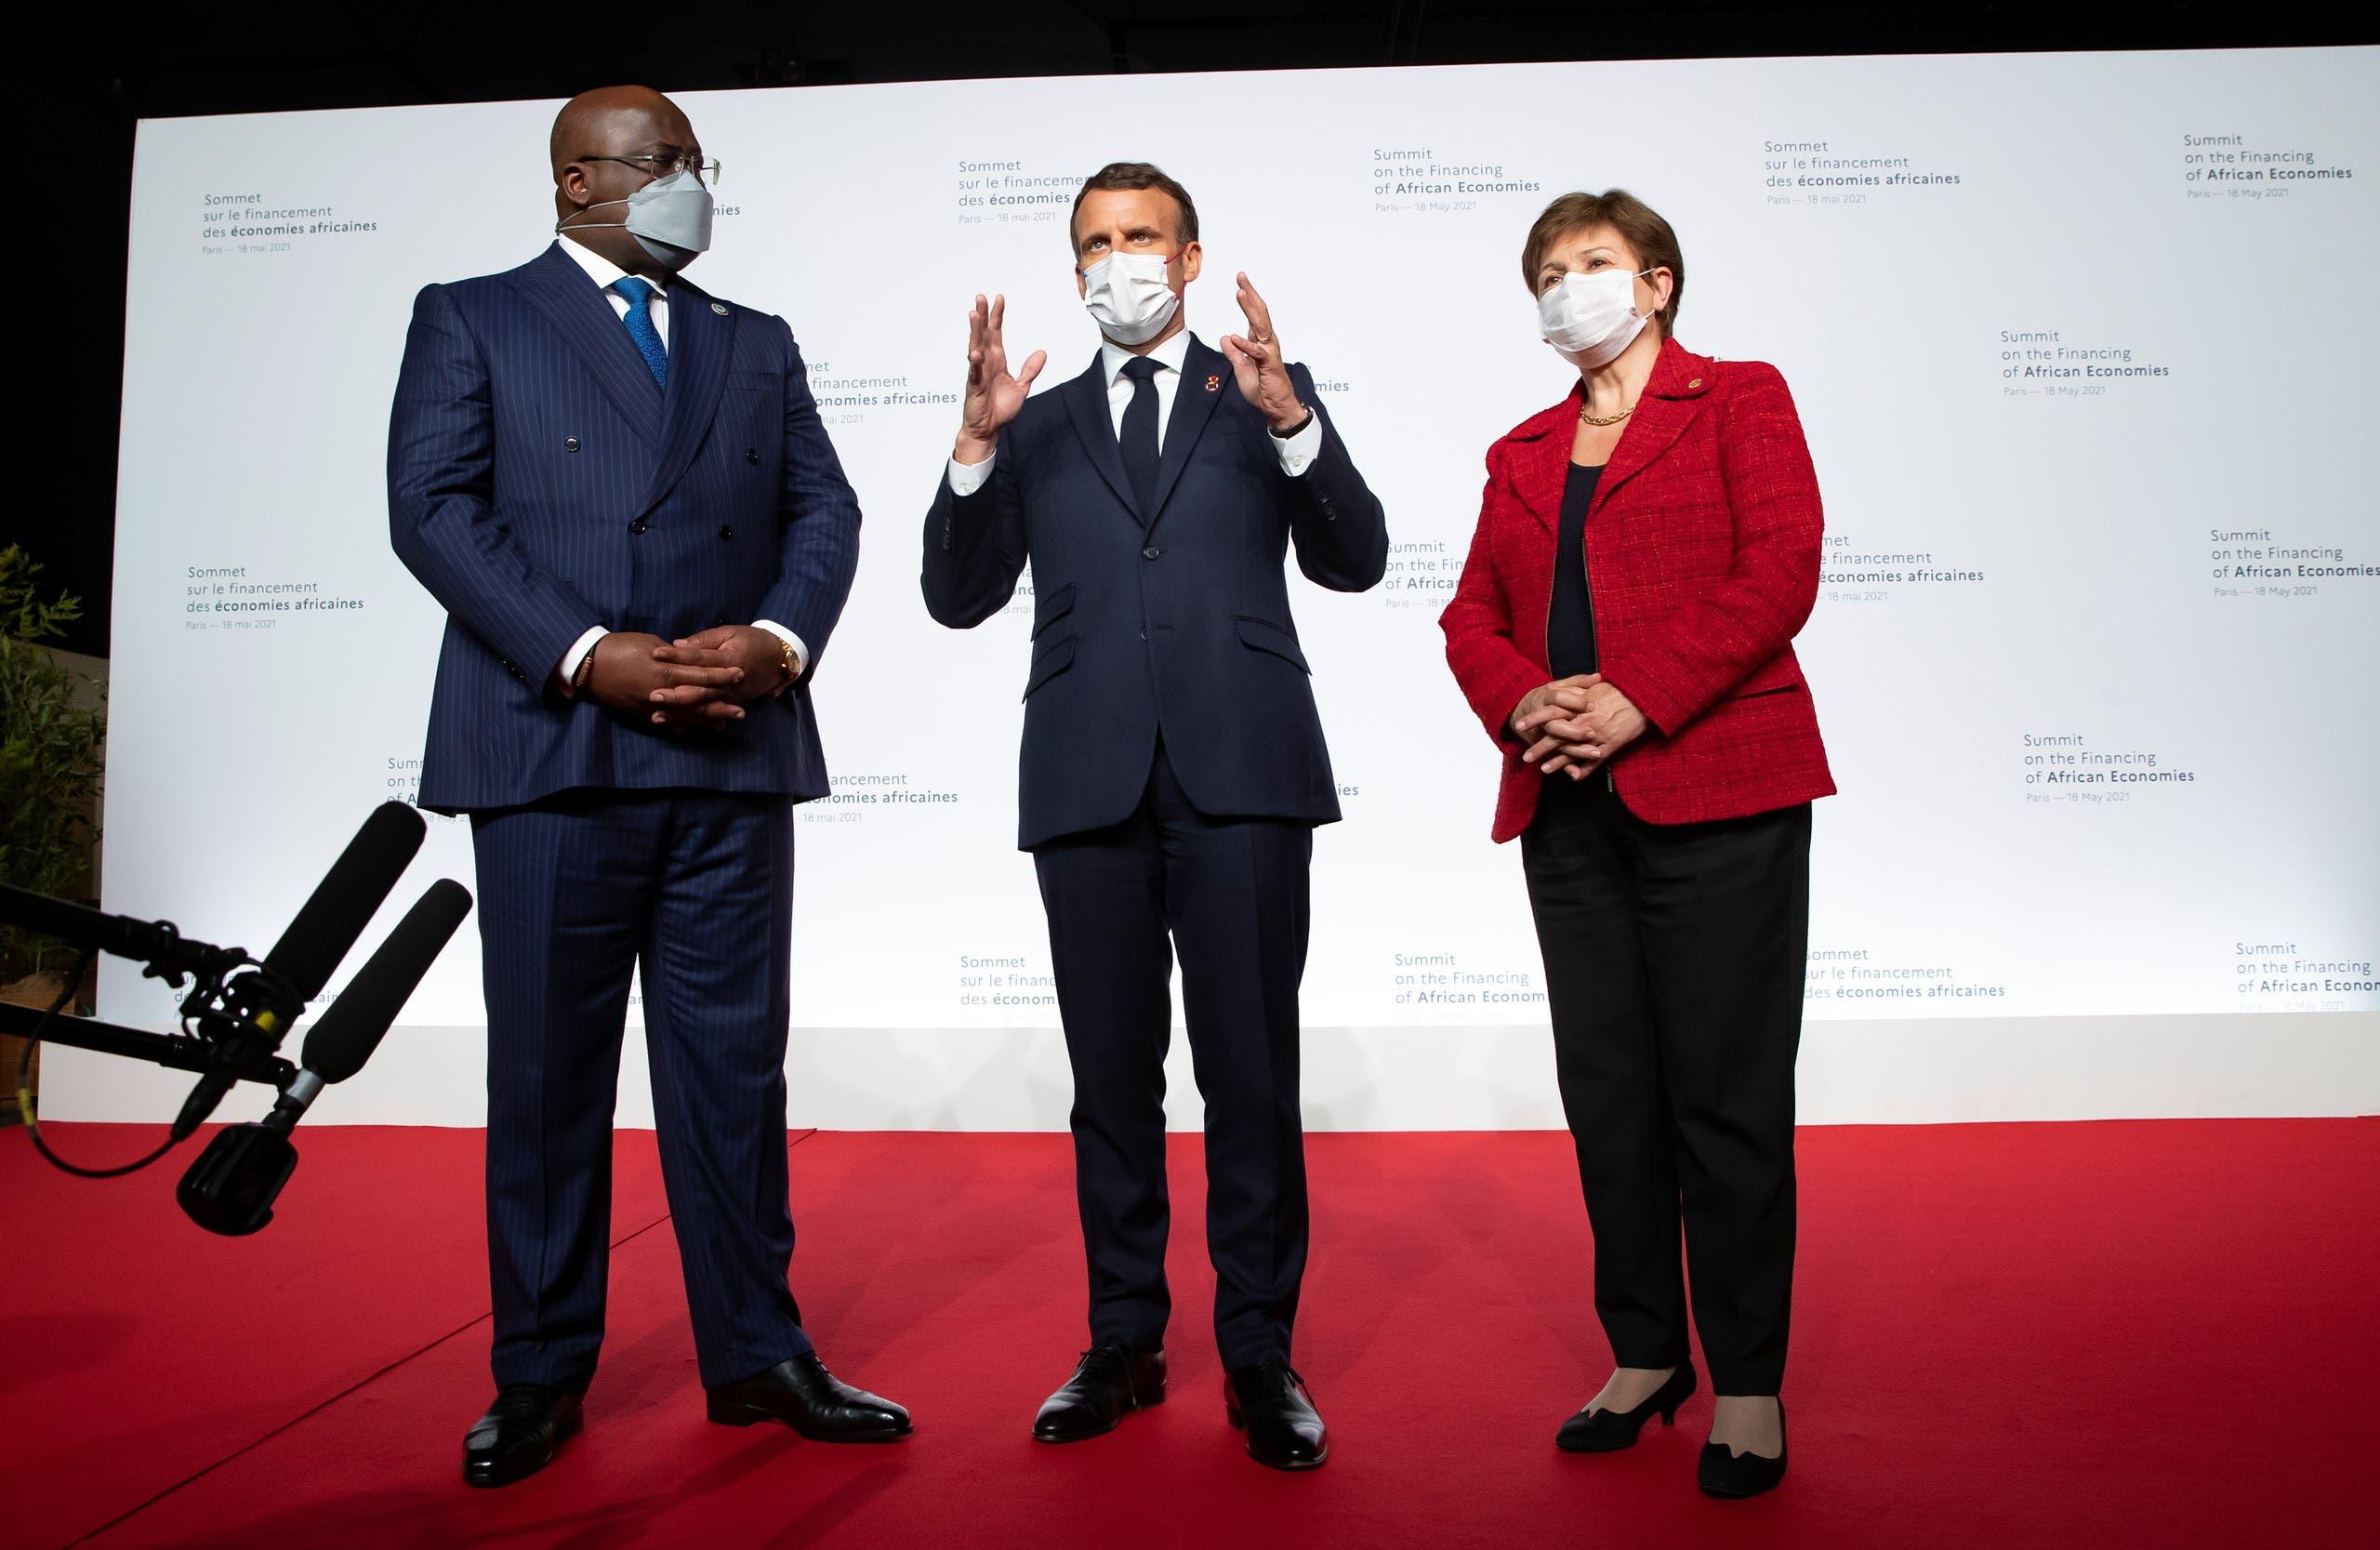 جانب من فعاليات مؤتمر باريس